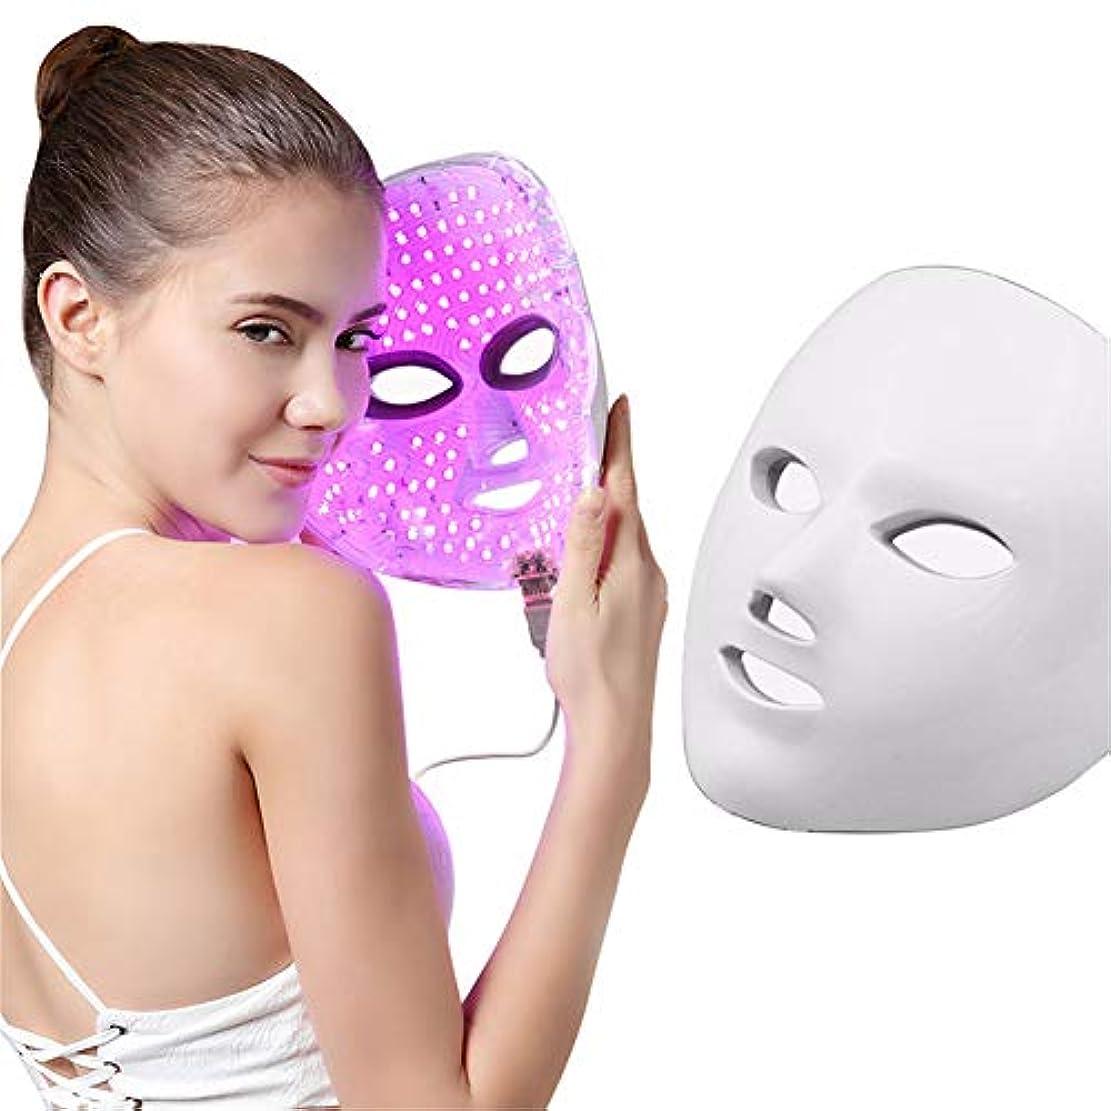 開業医楕円形究極の7色ledマスク若返りにきび除去しわライト美容マスクled光線療法マッサージフェイシャルケア機付きリモコン